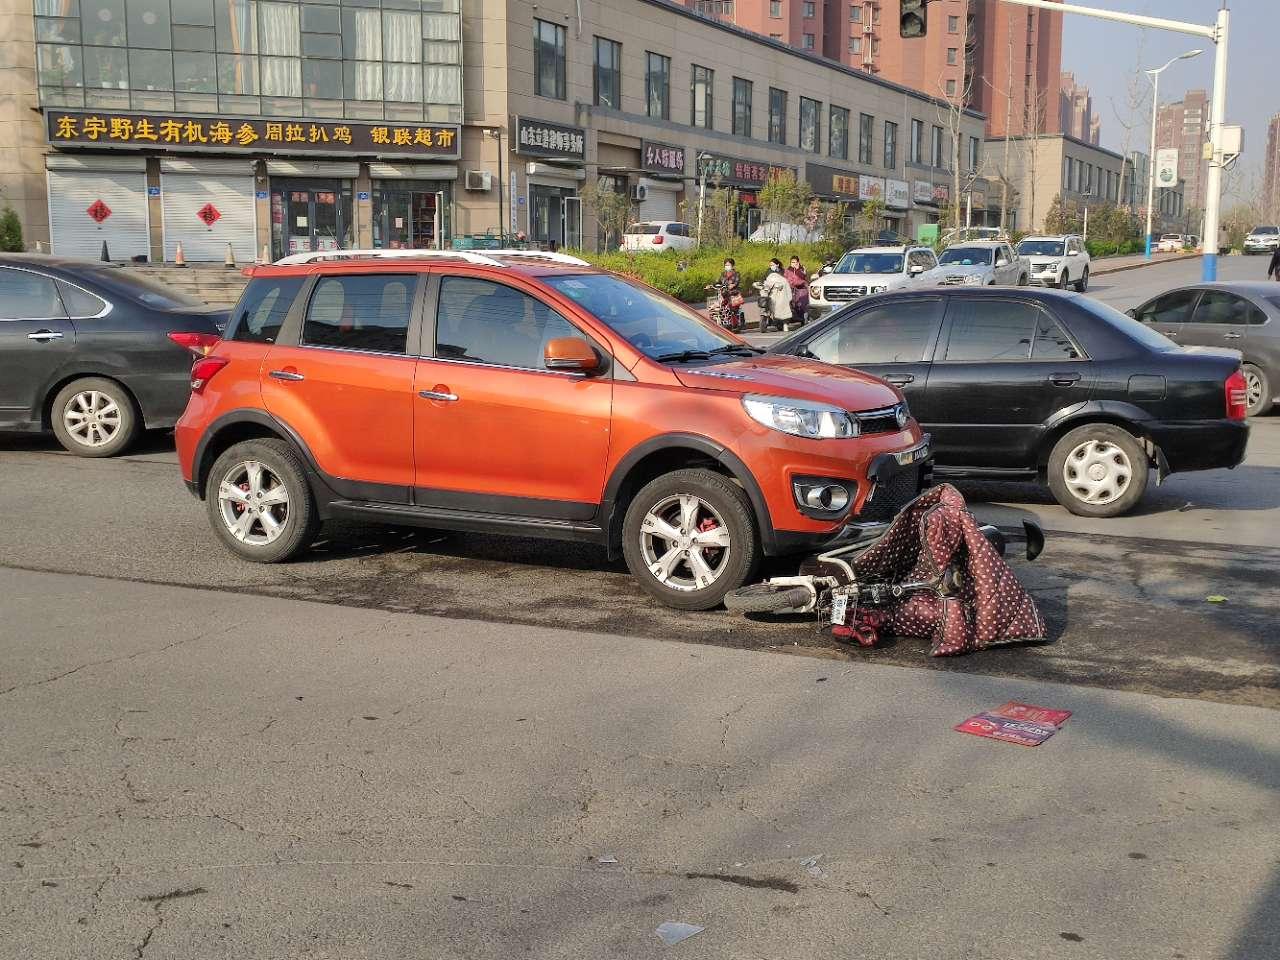 山泉路跟车站街的交叉路口,早高峰撞车了。